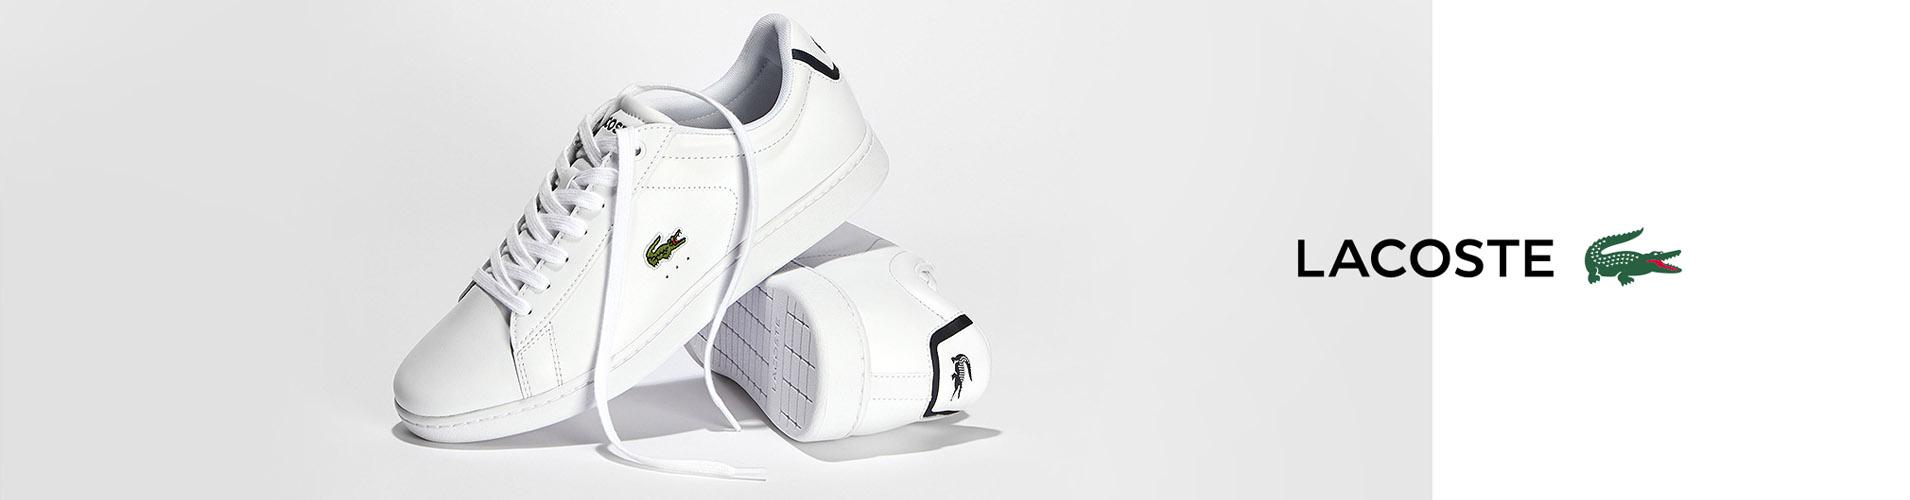 nueva coleccion zapatillas lacoste